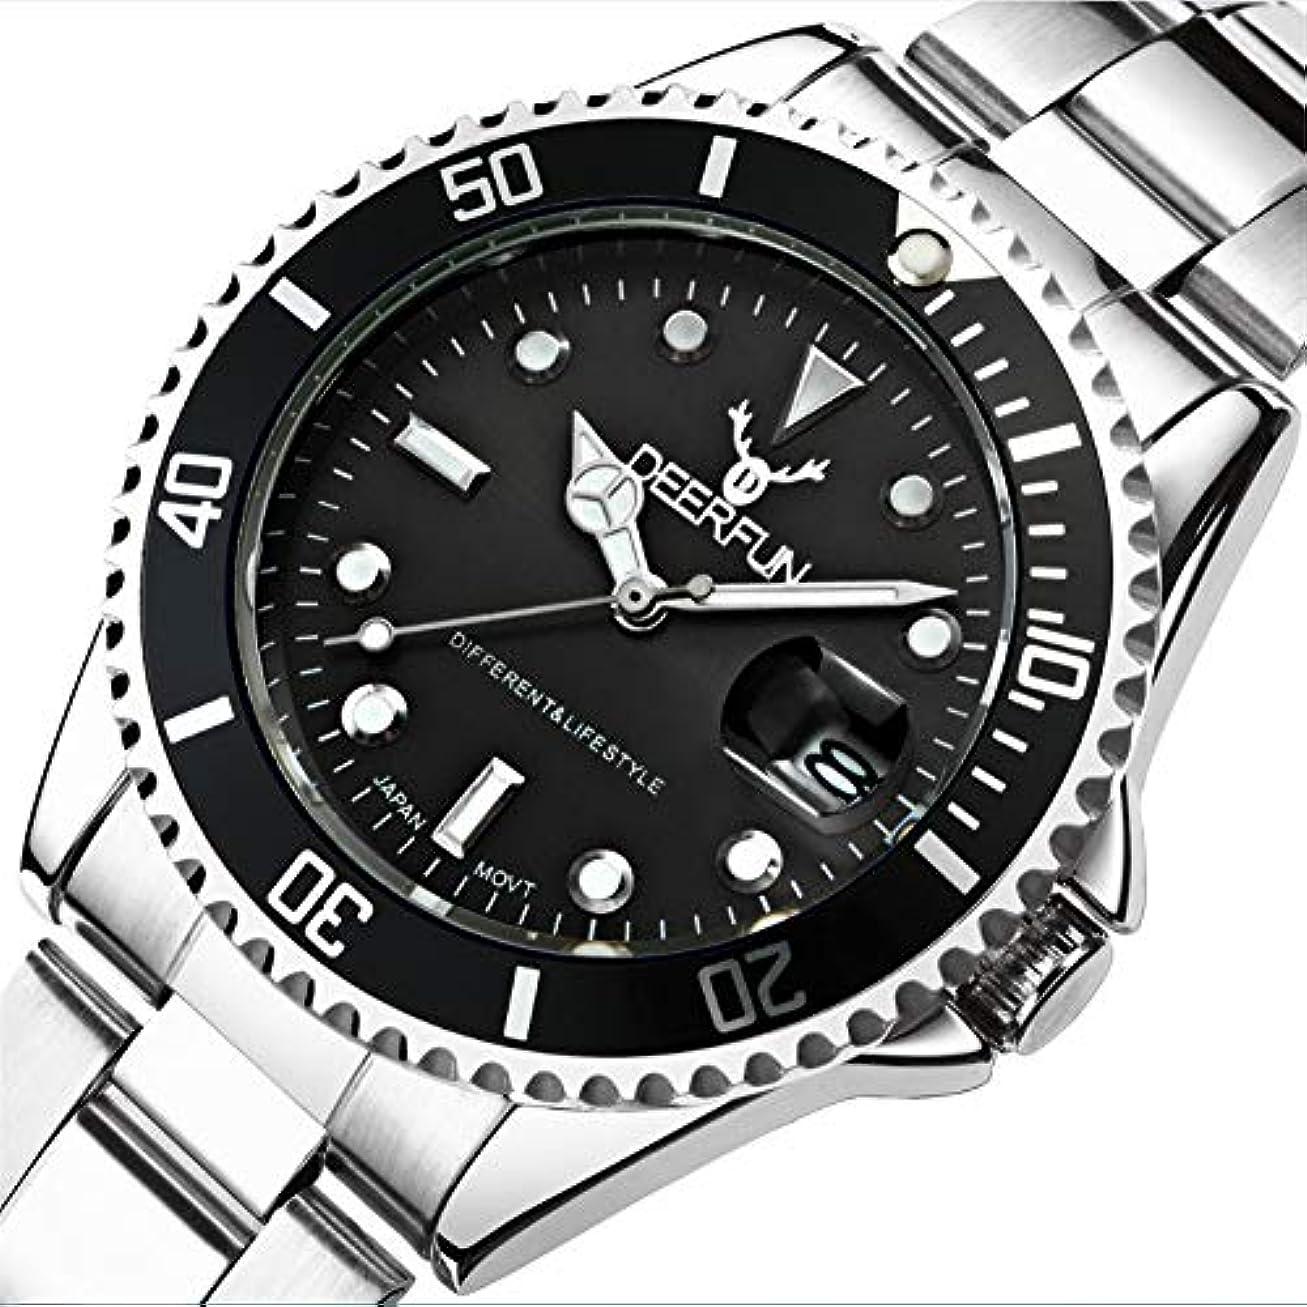 容赦ない飢近代化する防水腕時計メンズ高級ブランドカジュアルステンレススチールスポーツ腕時計クォーツ腕時計メンズ腕時計 (A)